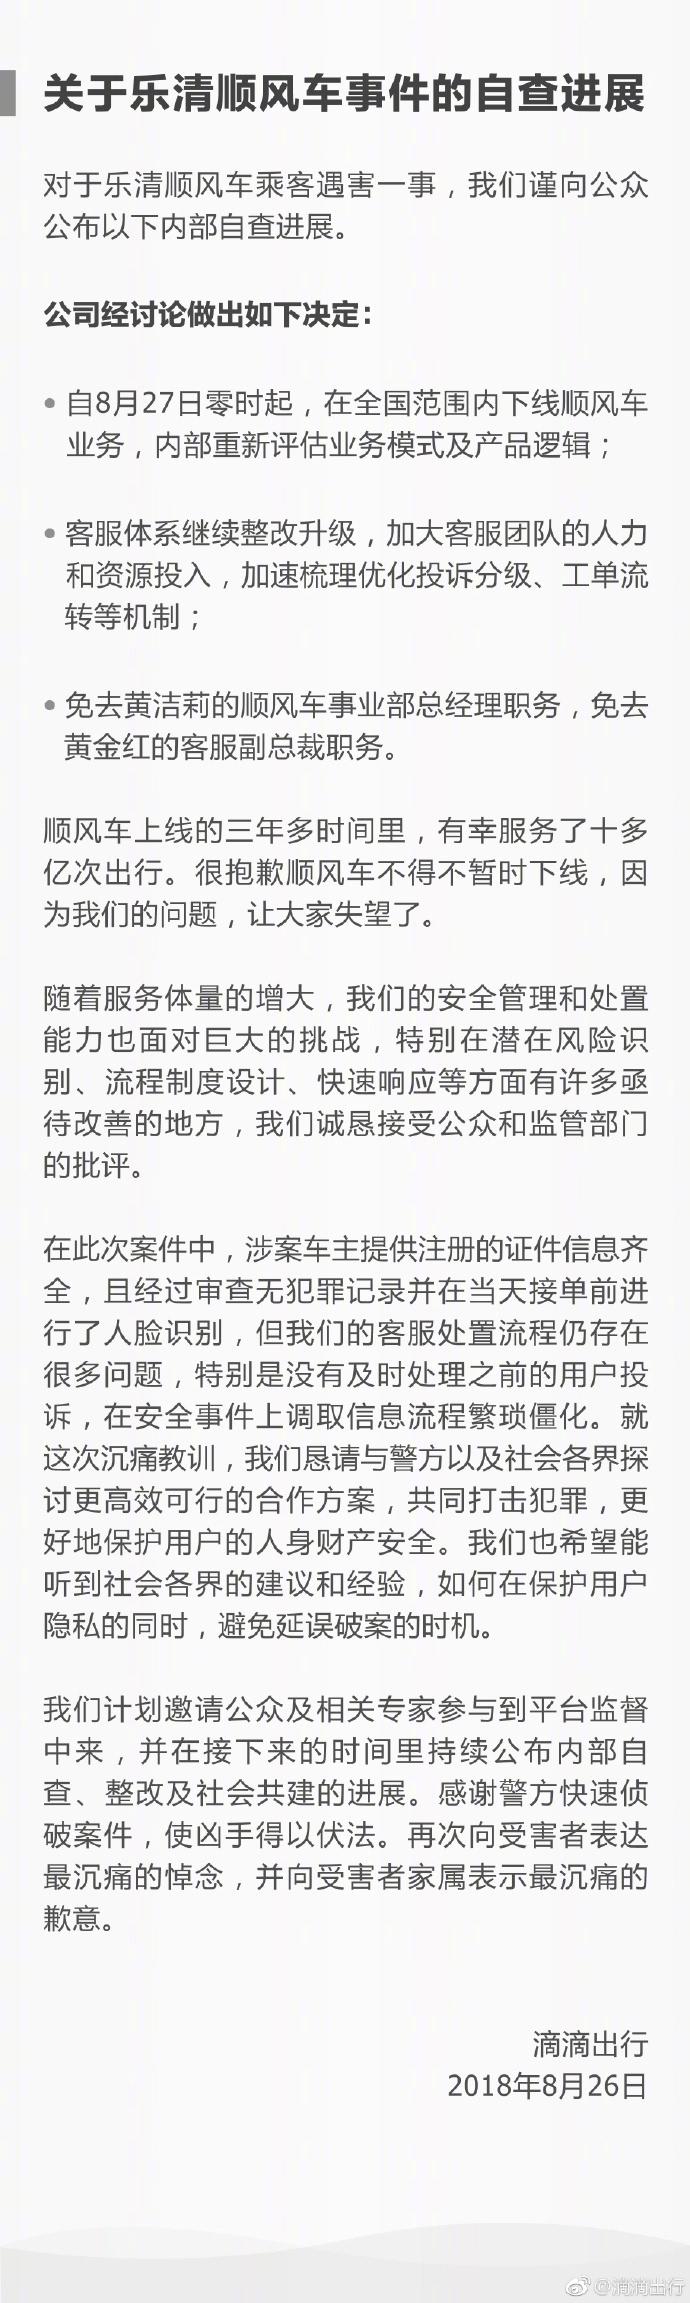 松桃百姓网:滴滴下线顺风车业务 两名高管被免职